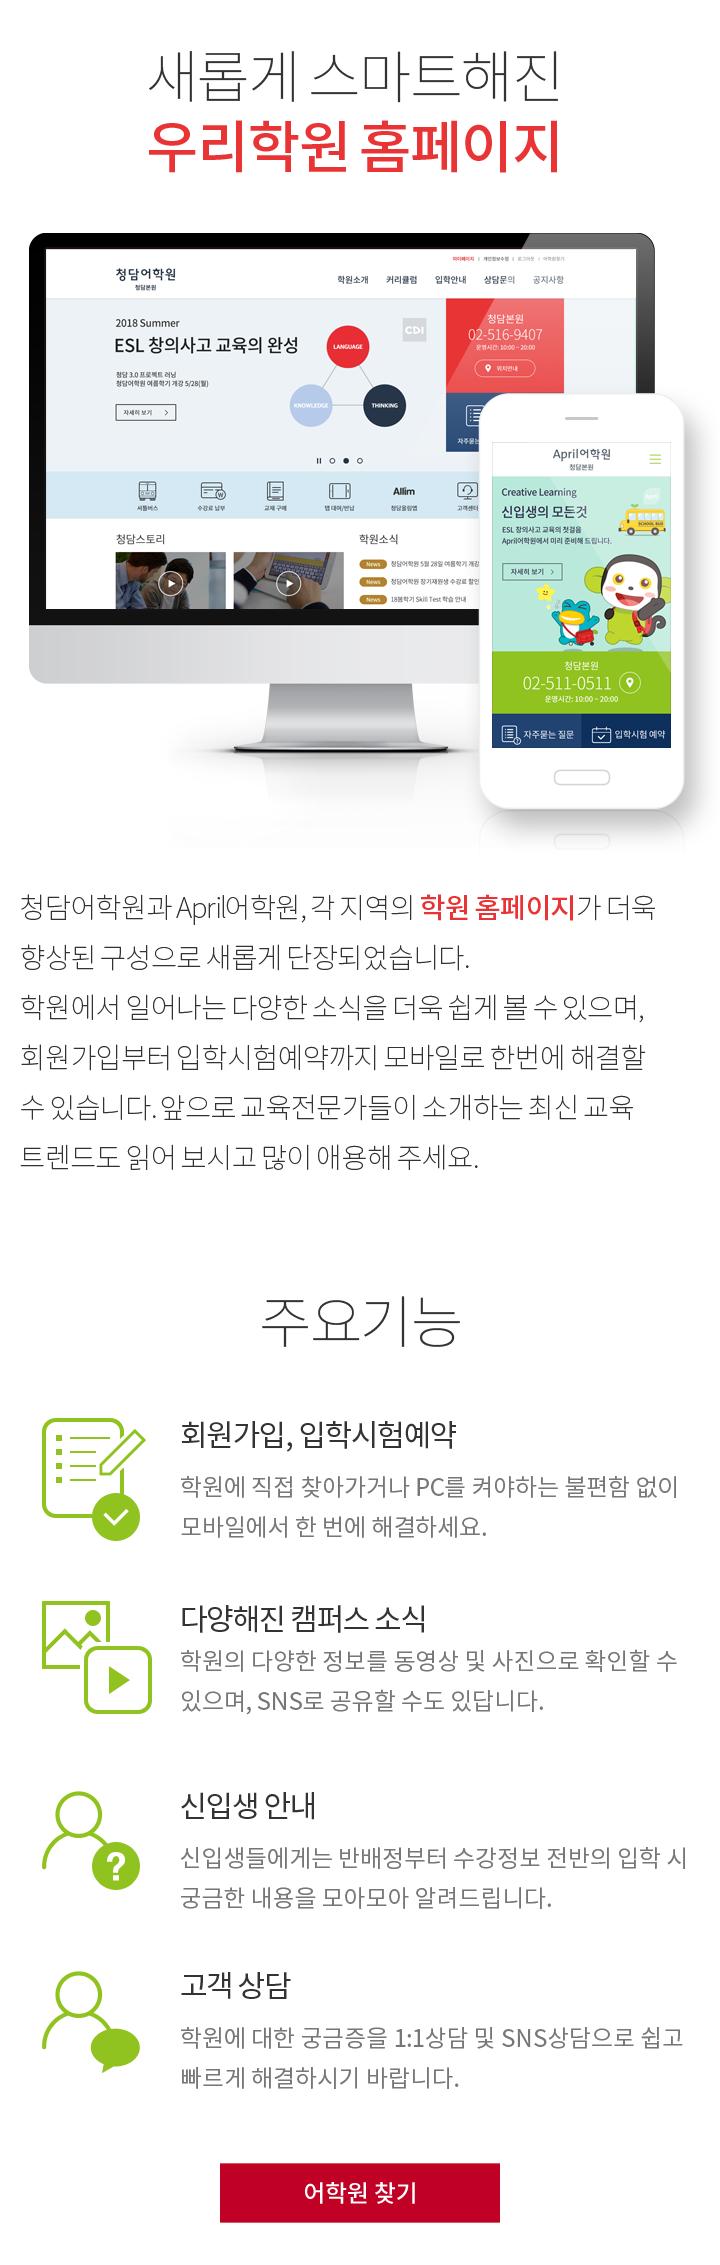 학원 홈페이지 새단장